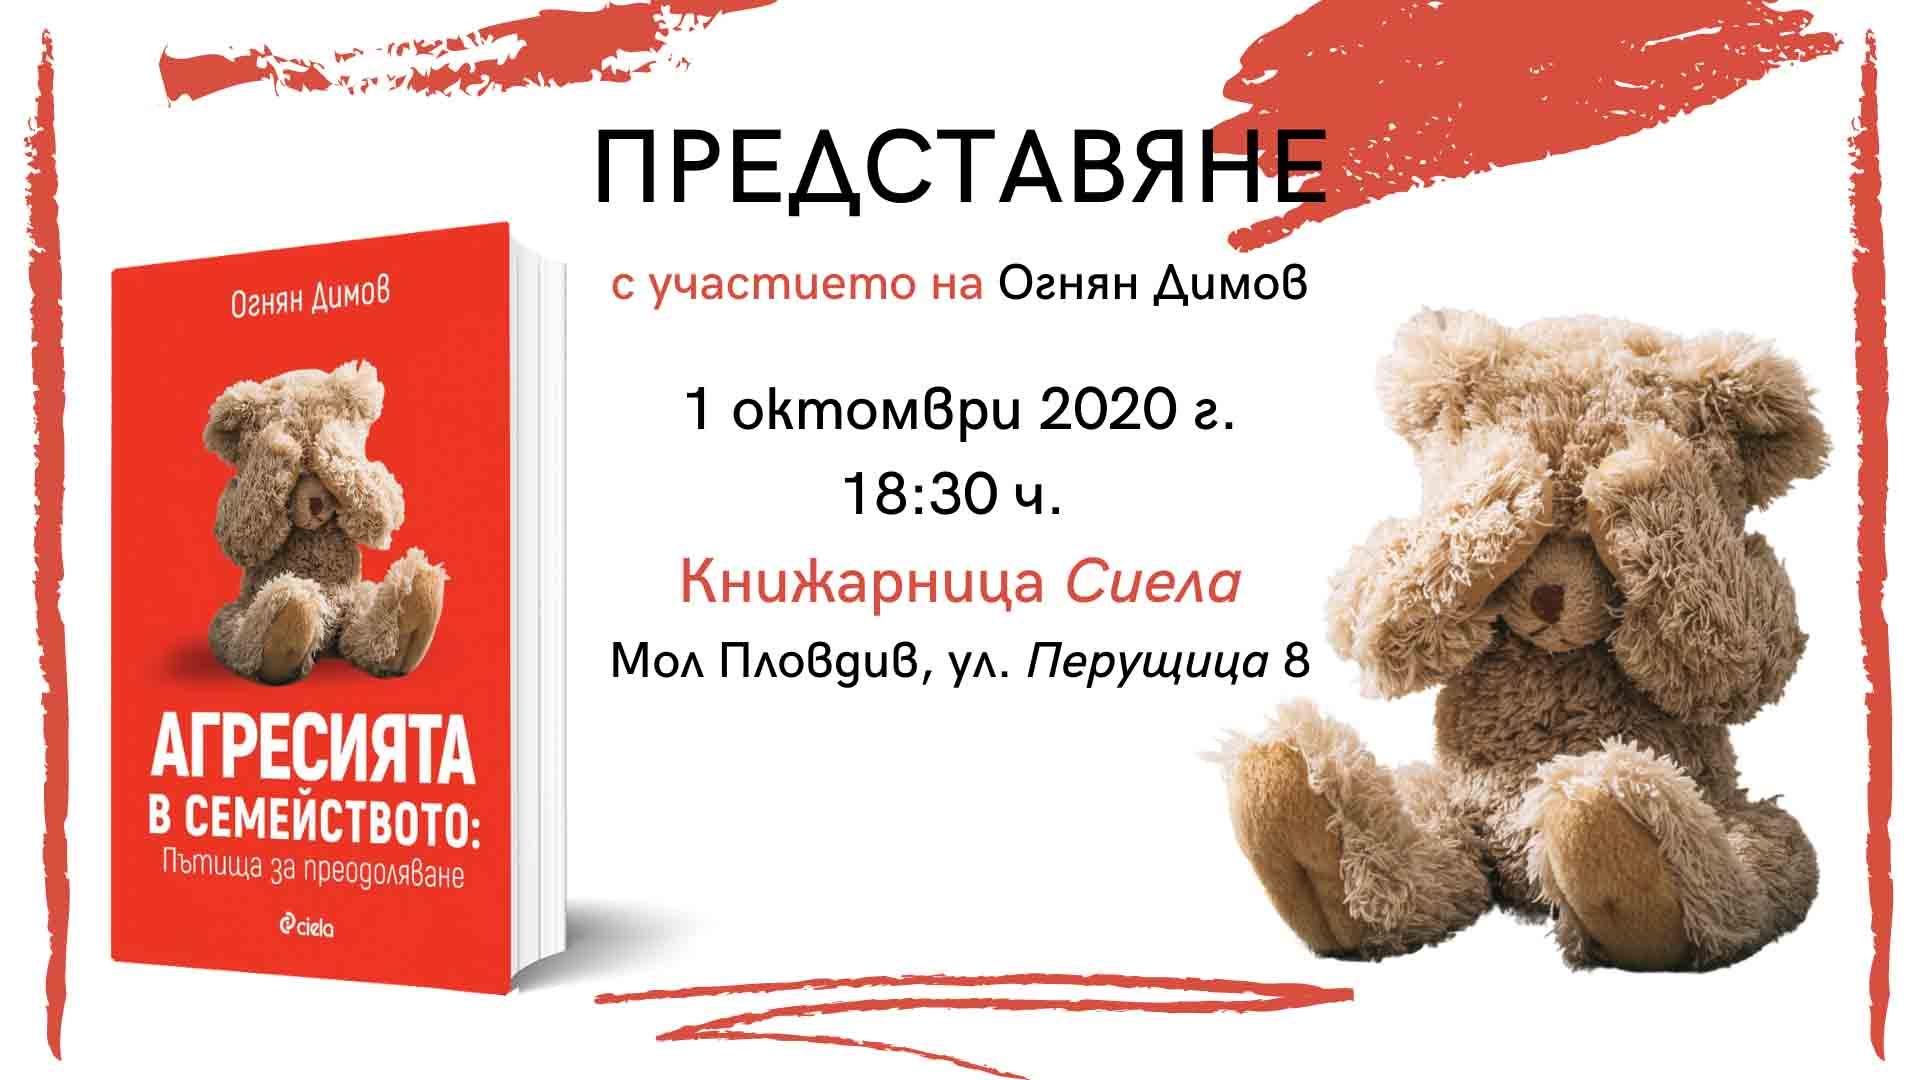 """""""Агресията в семейството"""" от психоаналитика Огнян Димов в Пловдив"""